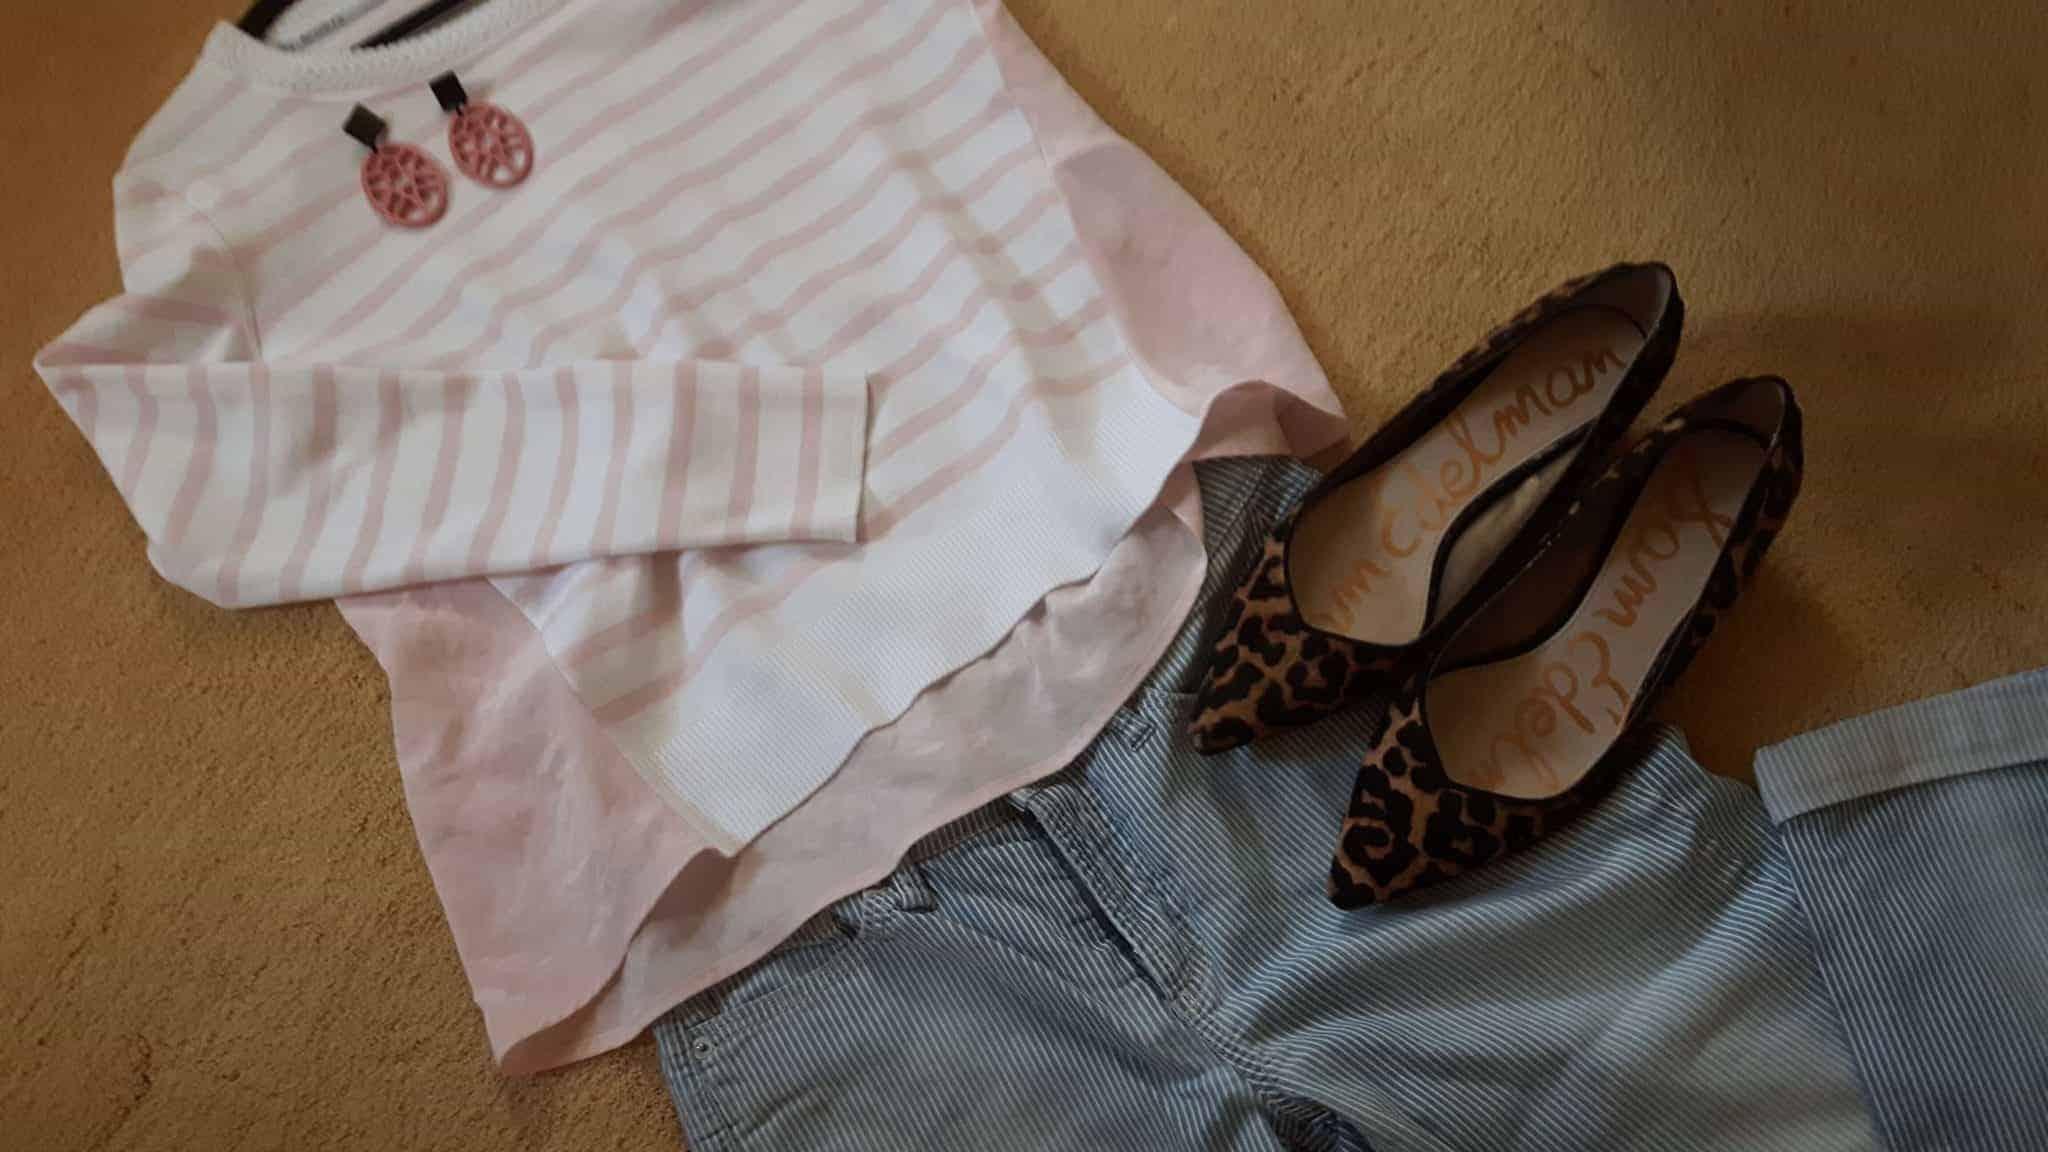 Gestreepte broek met panter schoenen